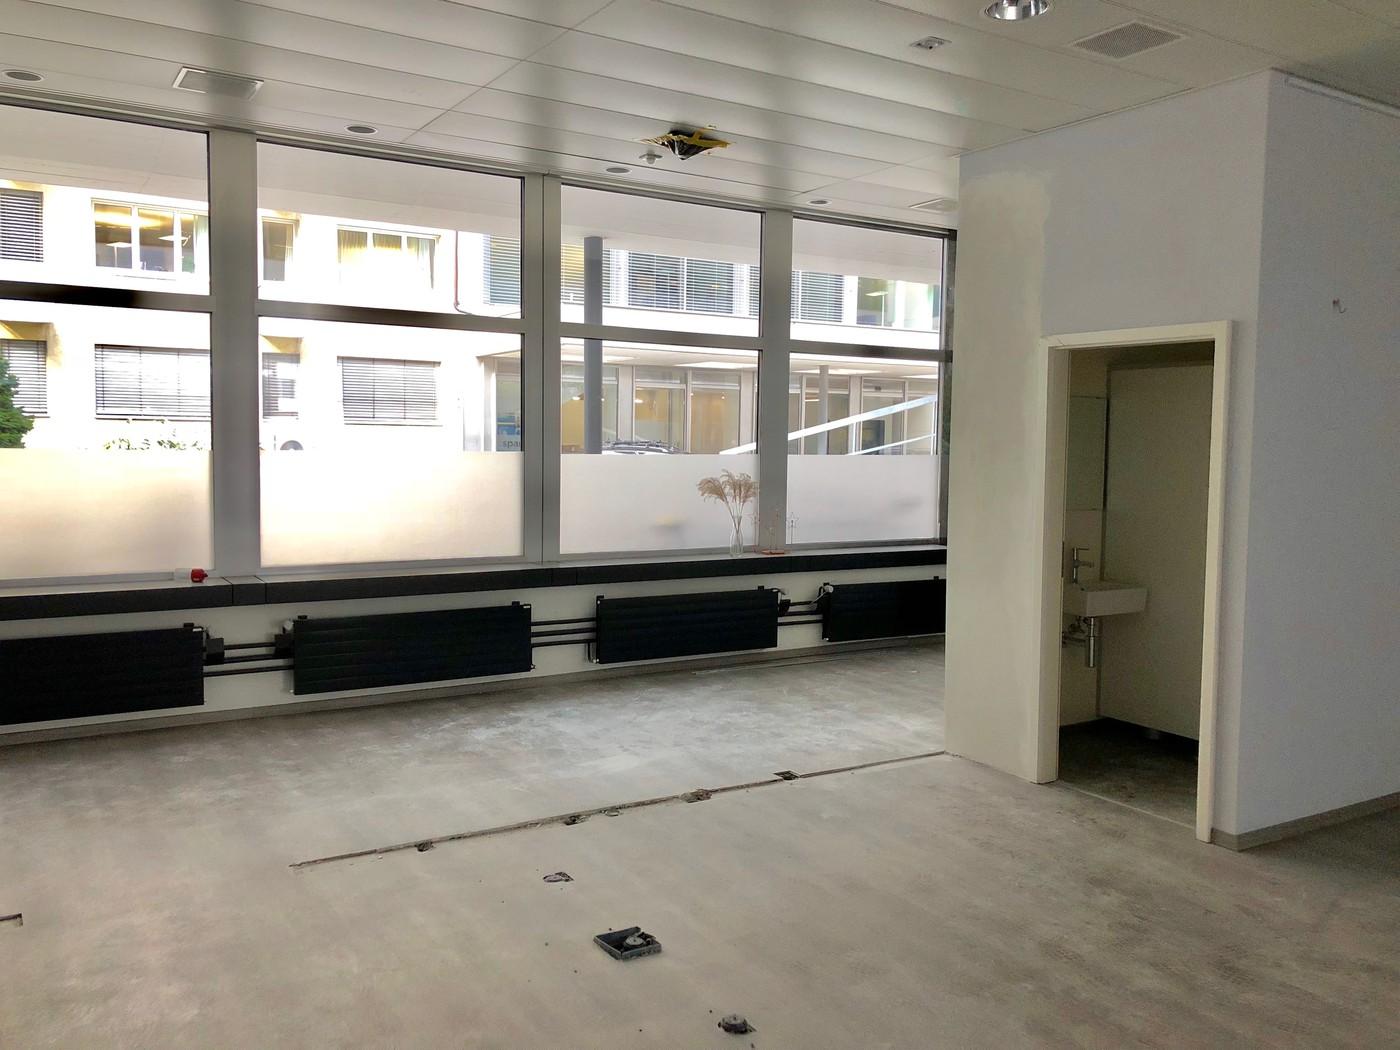 Louer m² bureau à zürich flatfox